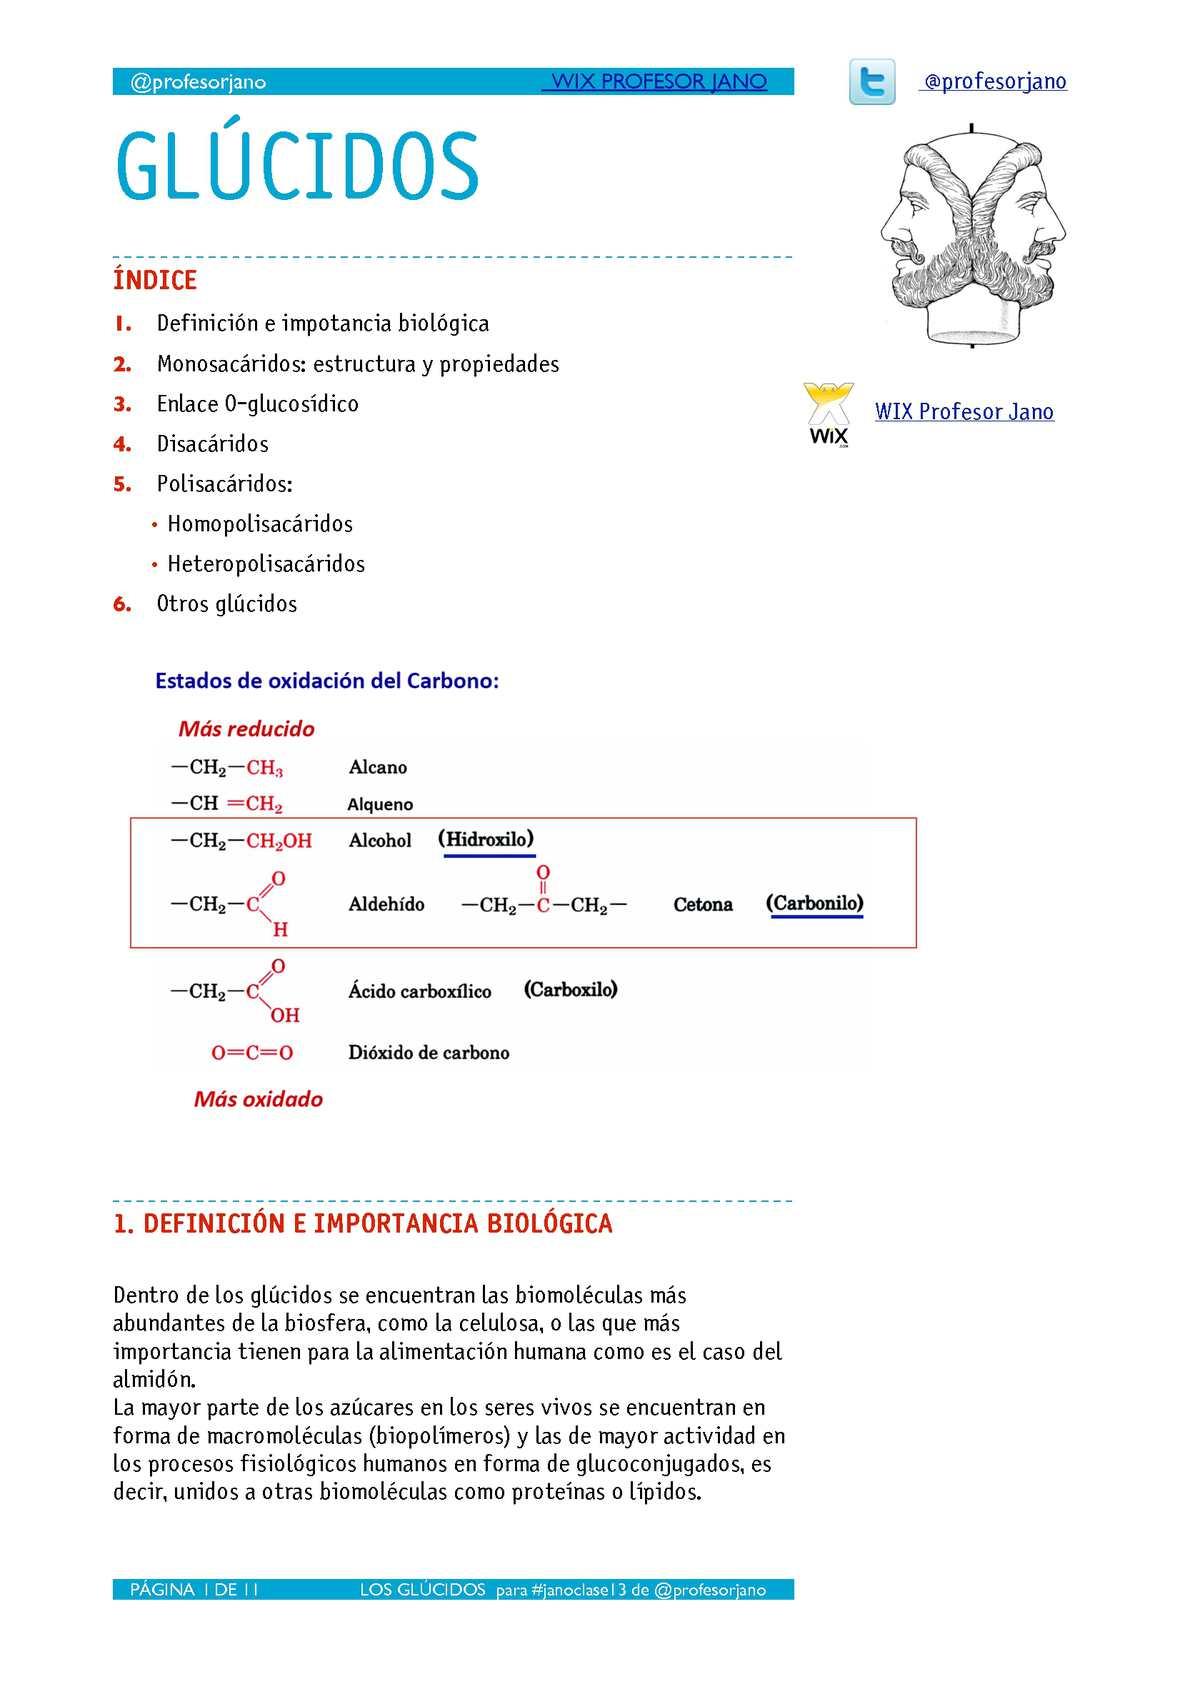 APUNTES DE GLÚCIDOS - 2º bach